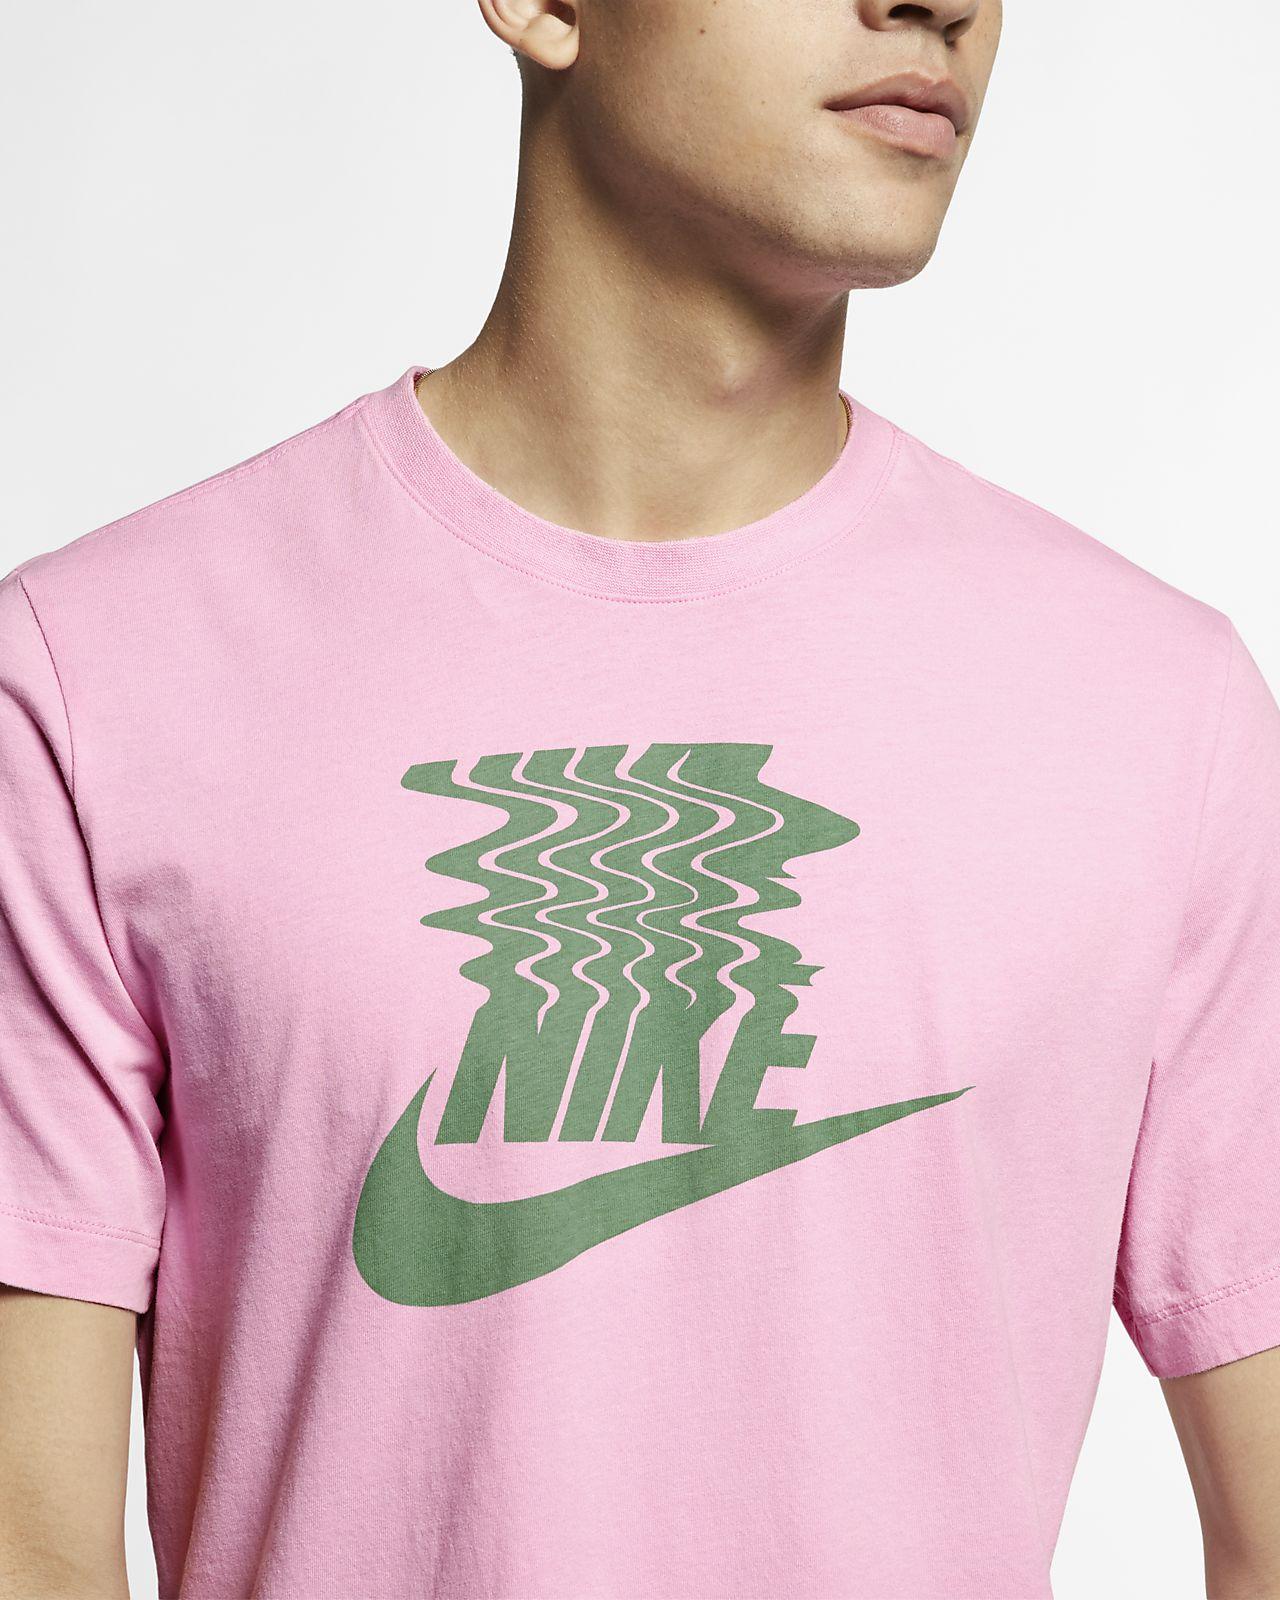 dc23ec18870753 Nike Sportswear Men s T-Shirt. Nike.com LU